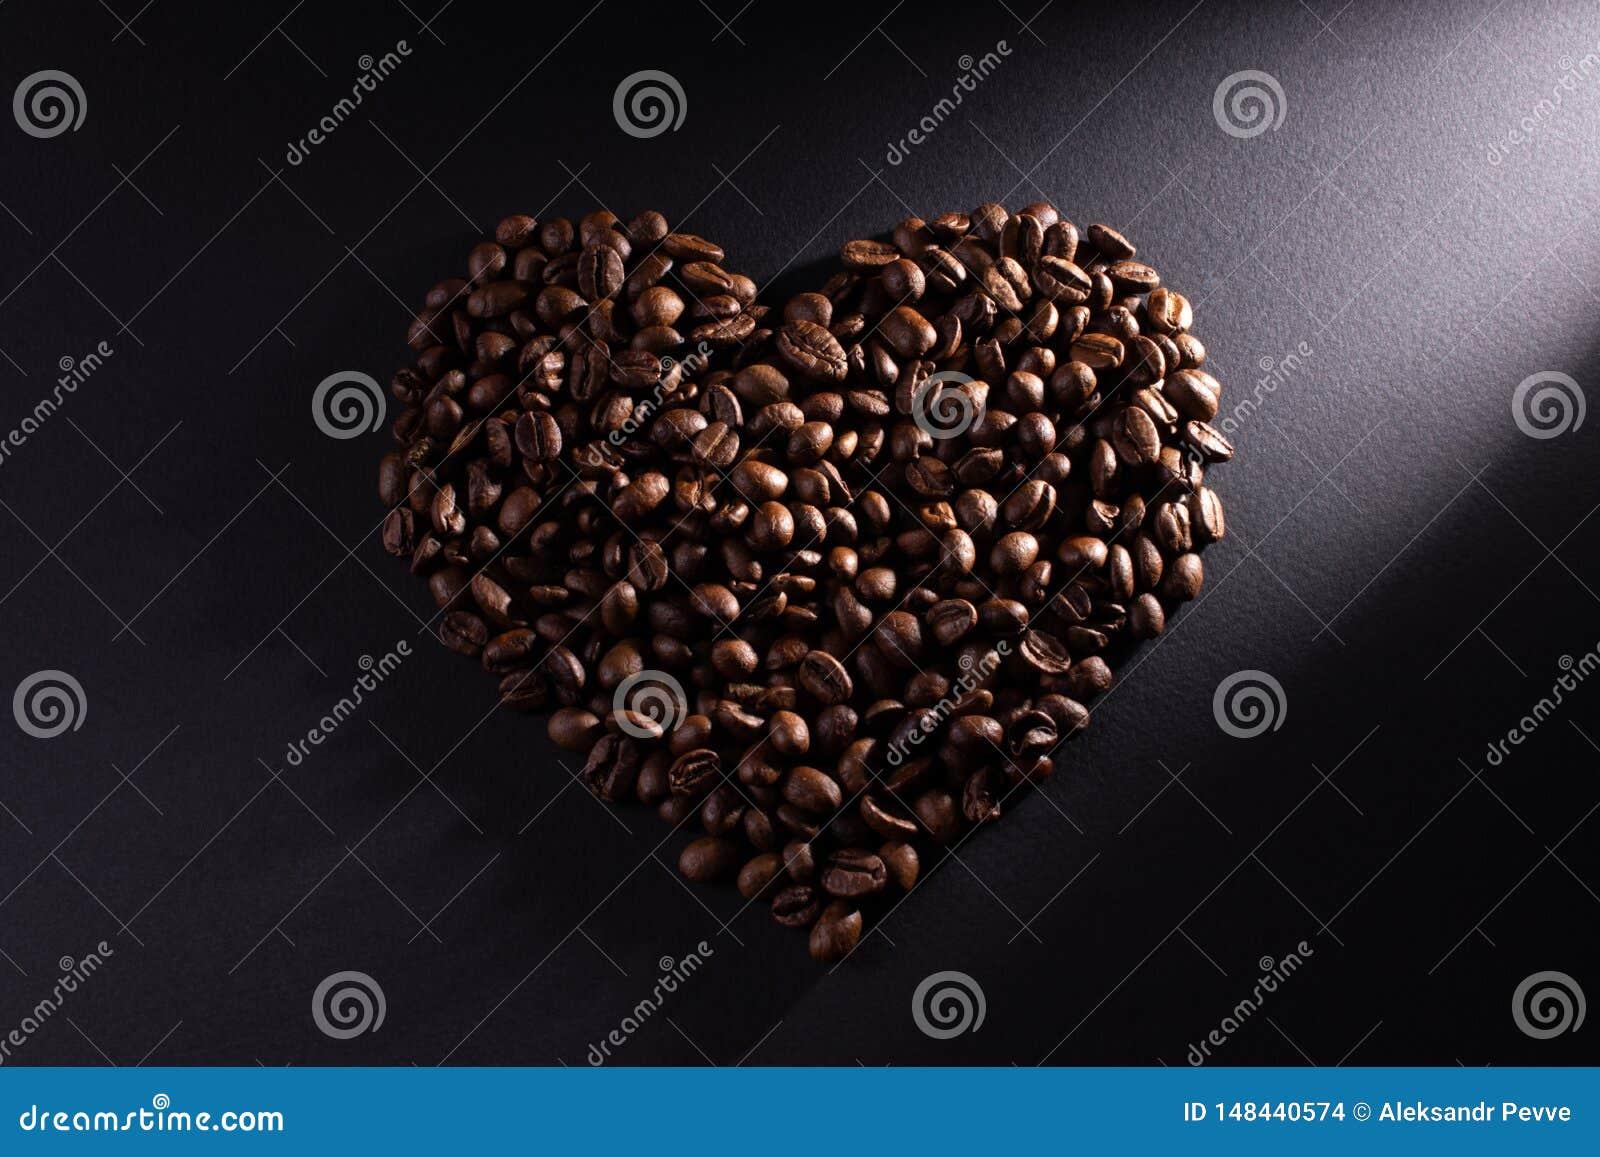 Le coeur est fait de café avec un rayon diagonal éclairé vers la droite